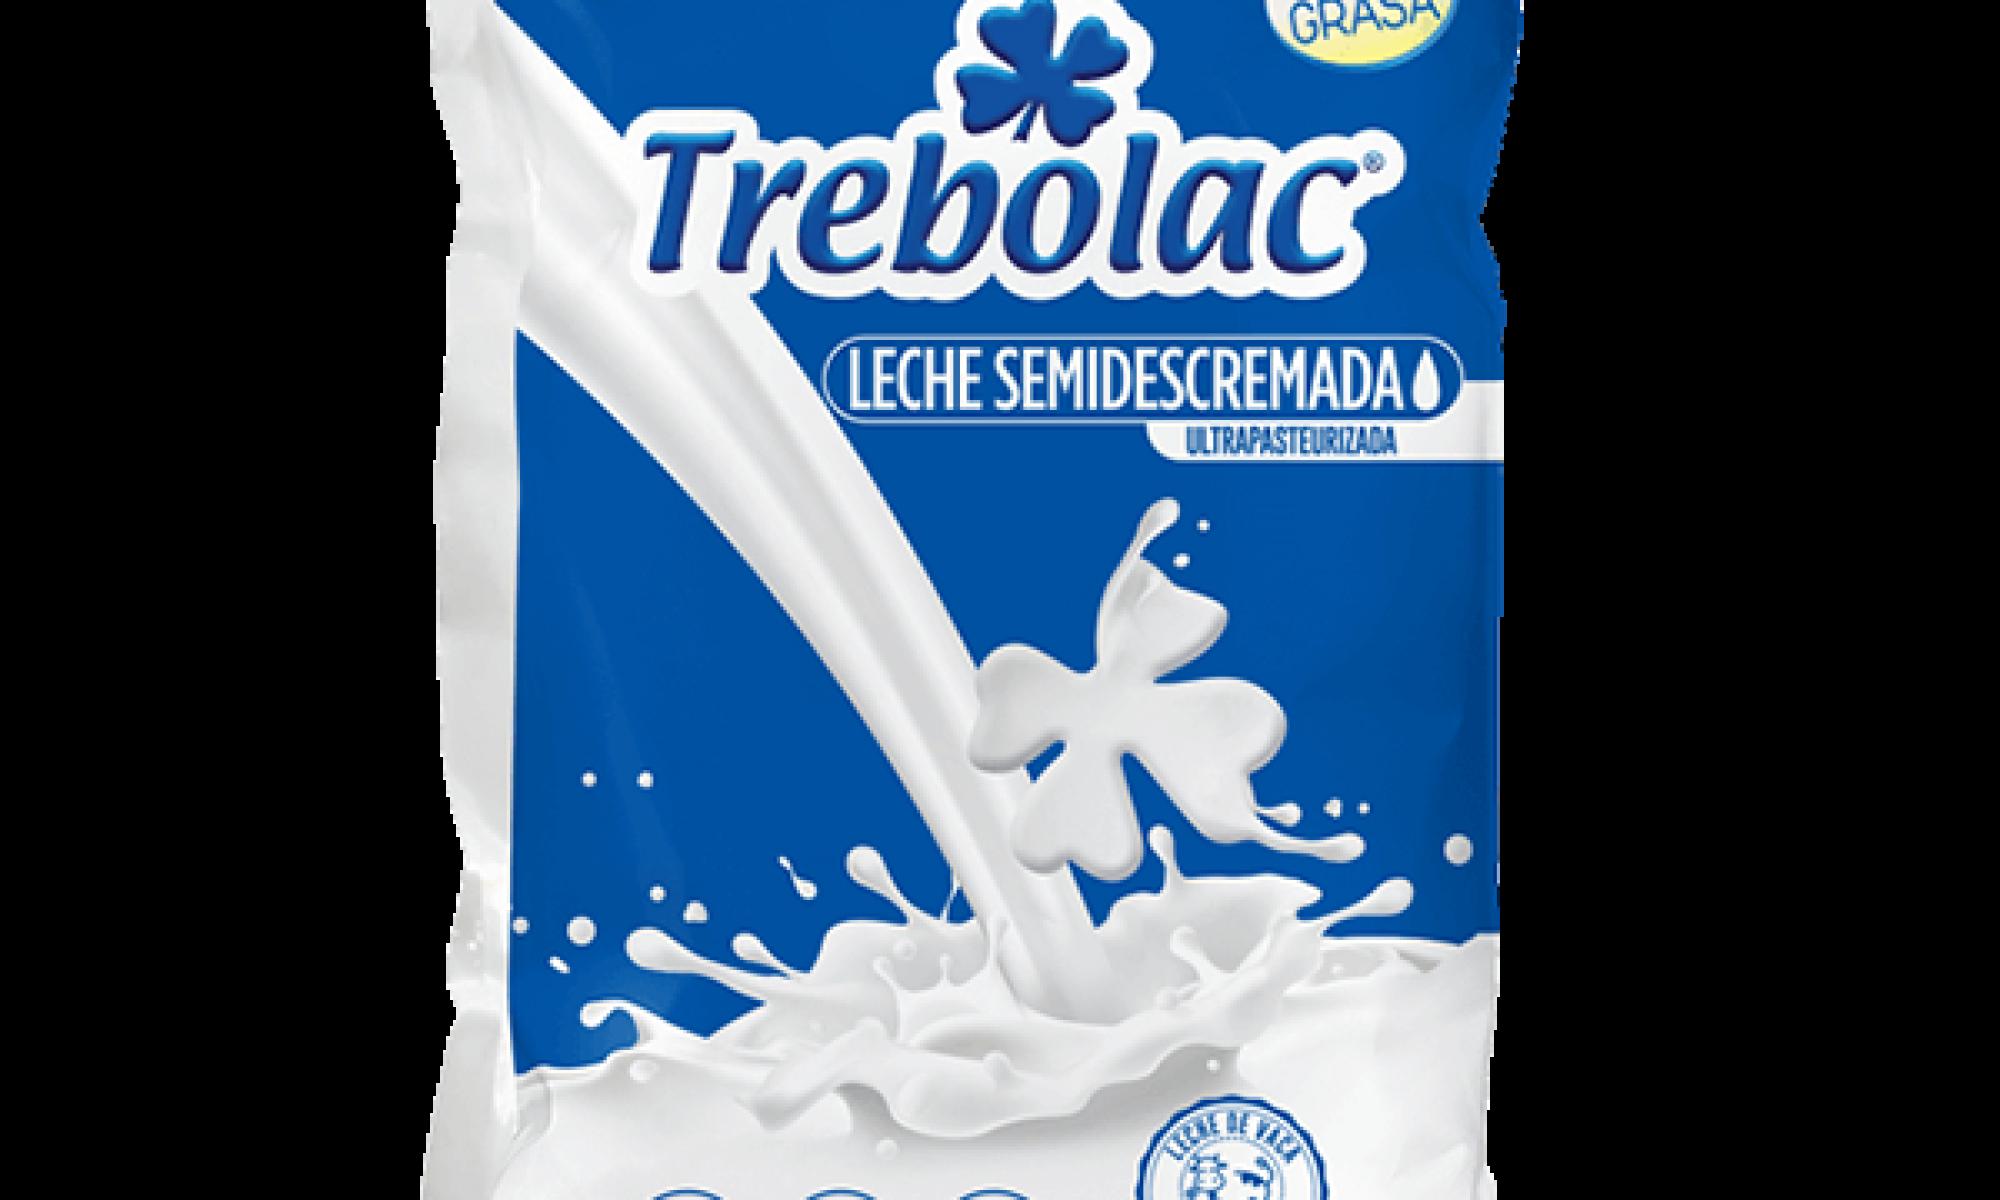 Leche SemiDescremada UHT Trebolac 900ml